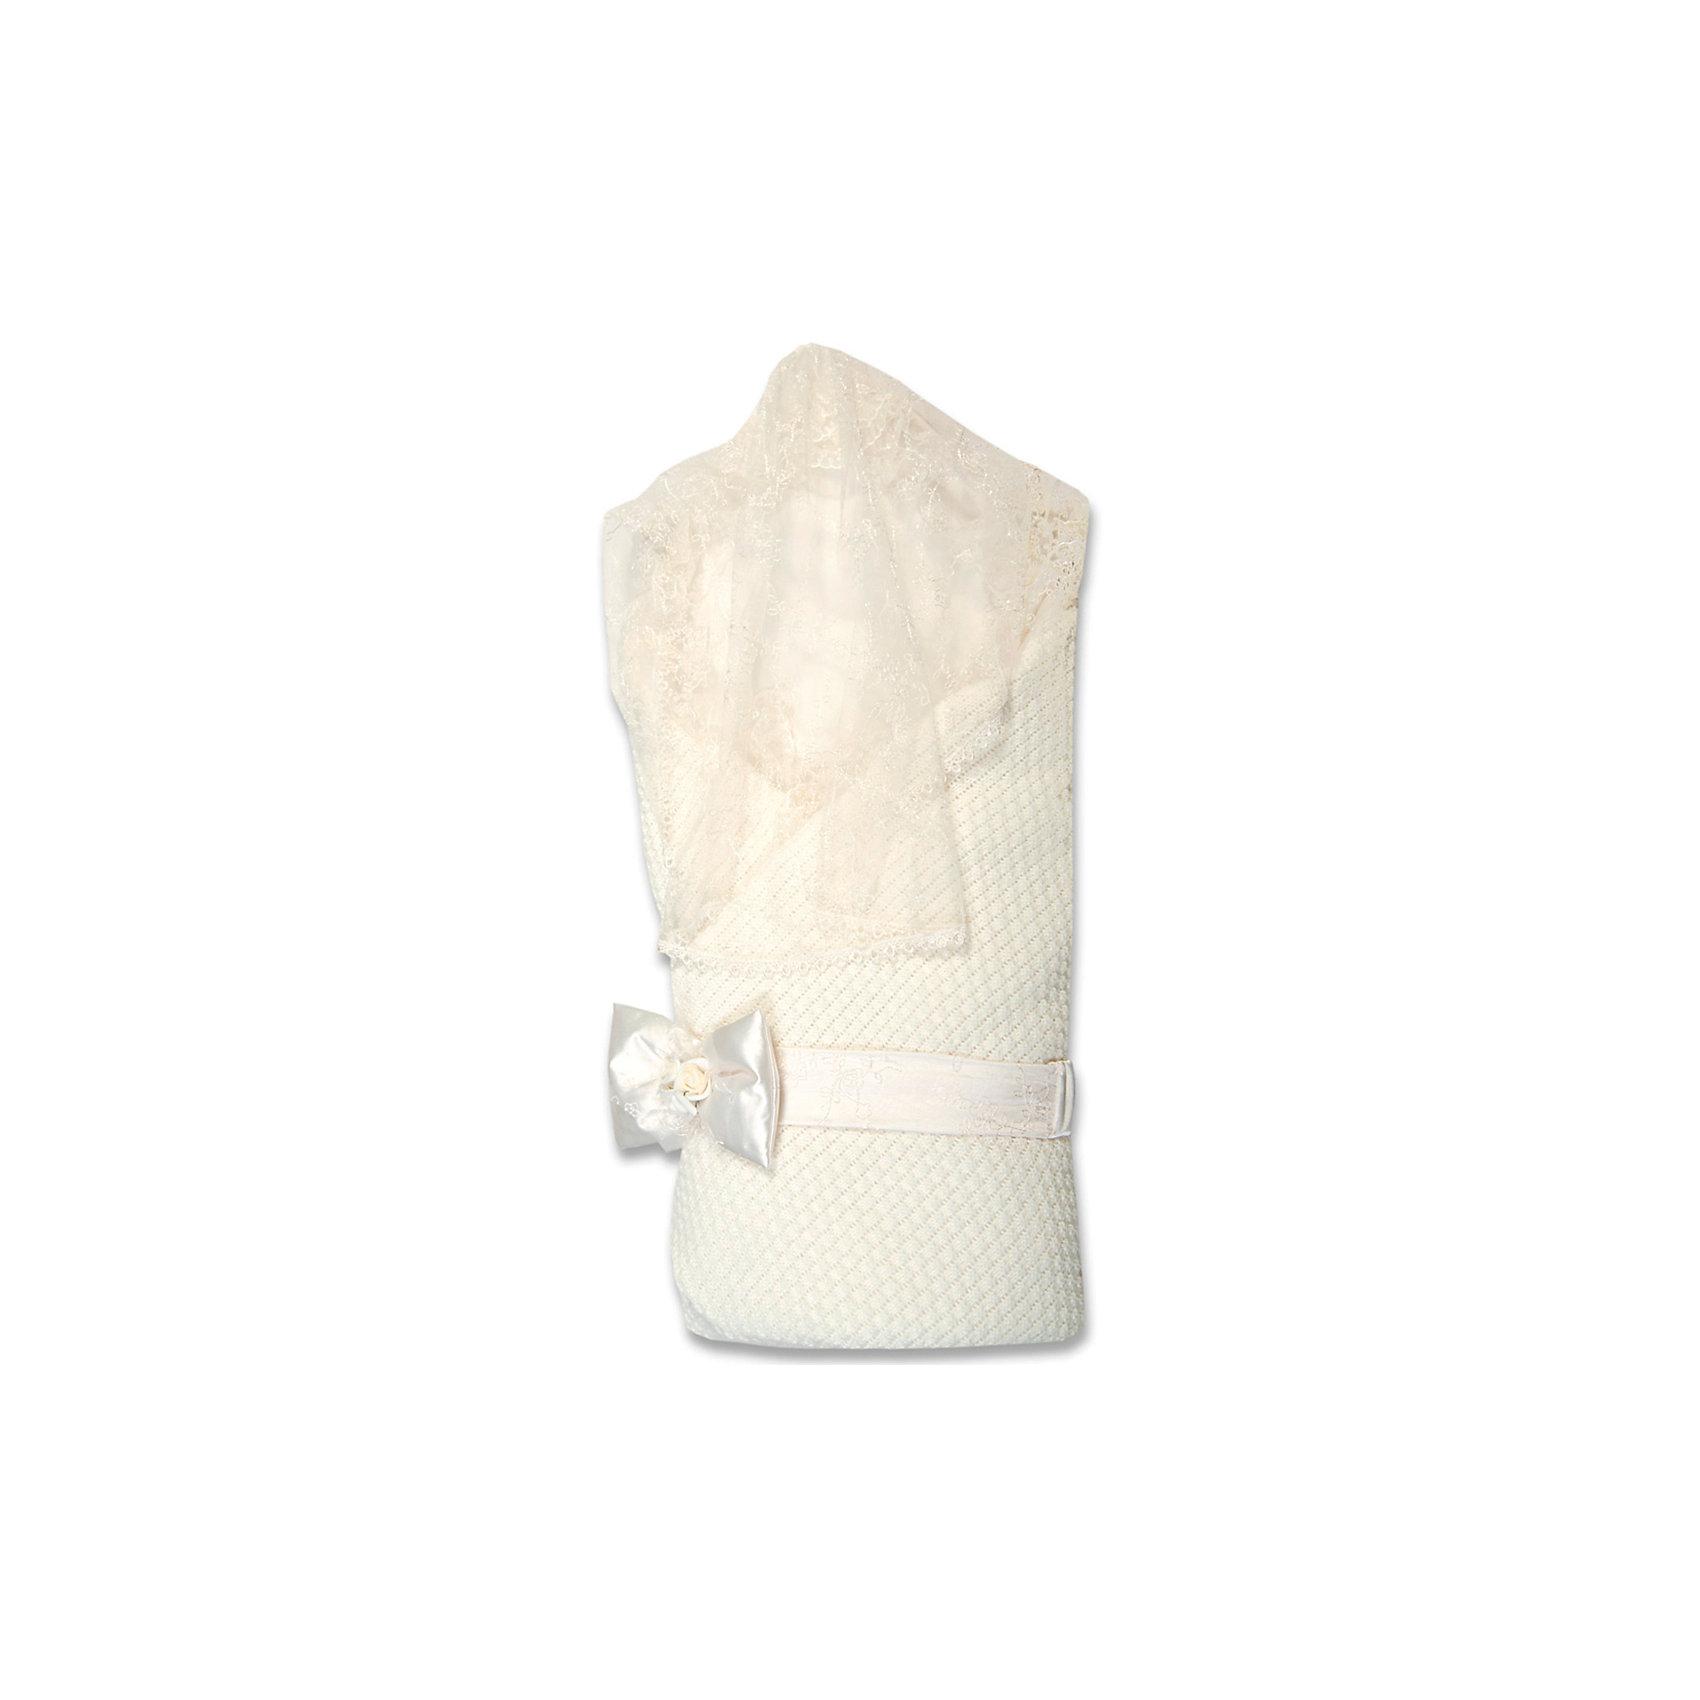 Конверт-одеяло Жемчужинка, Сонный гномик, молочный